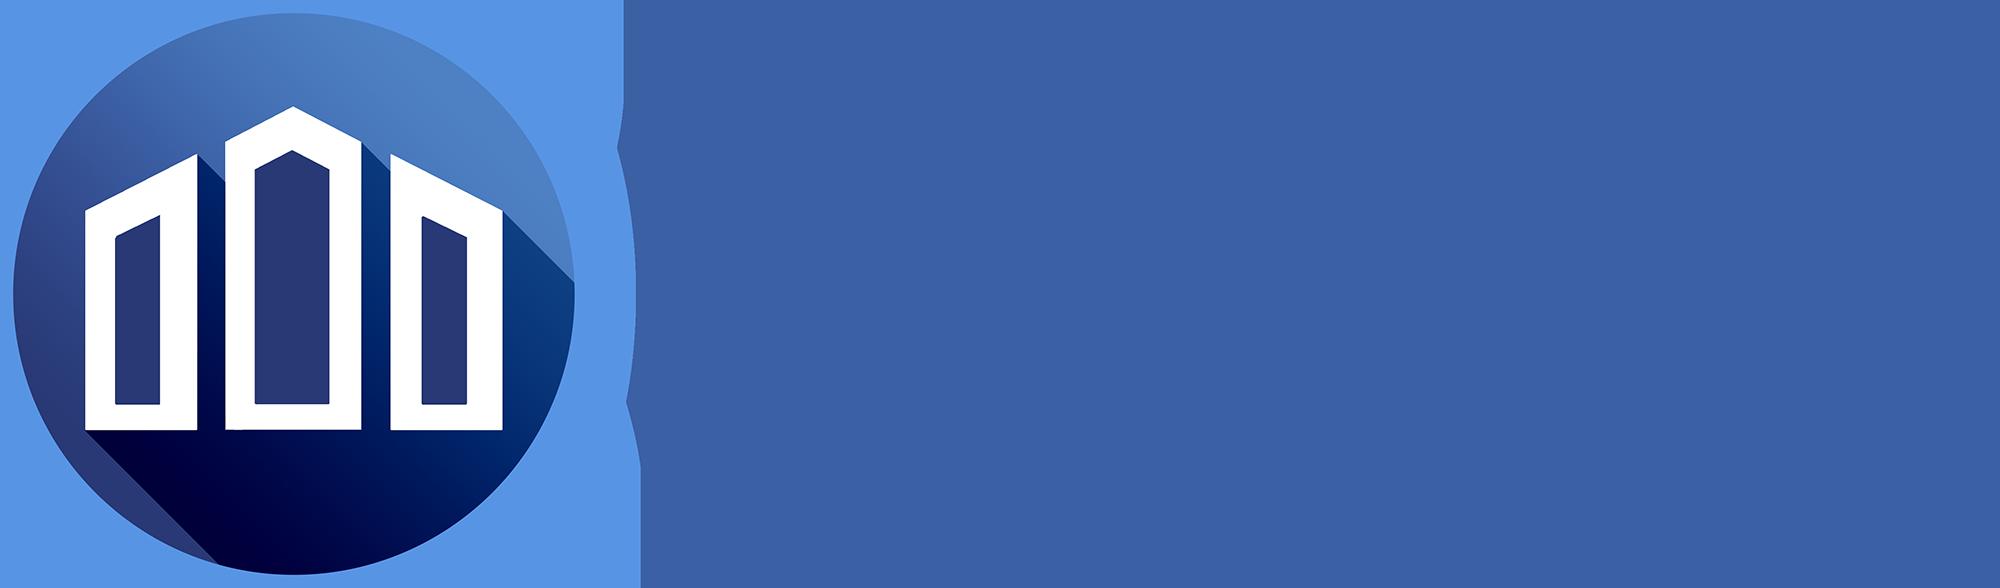 Reggora logo